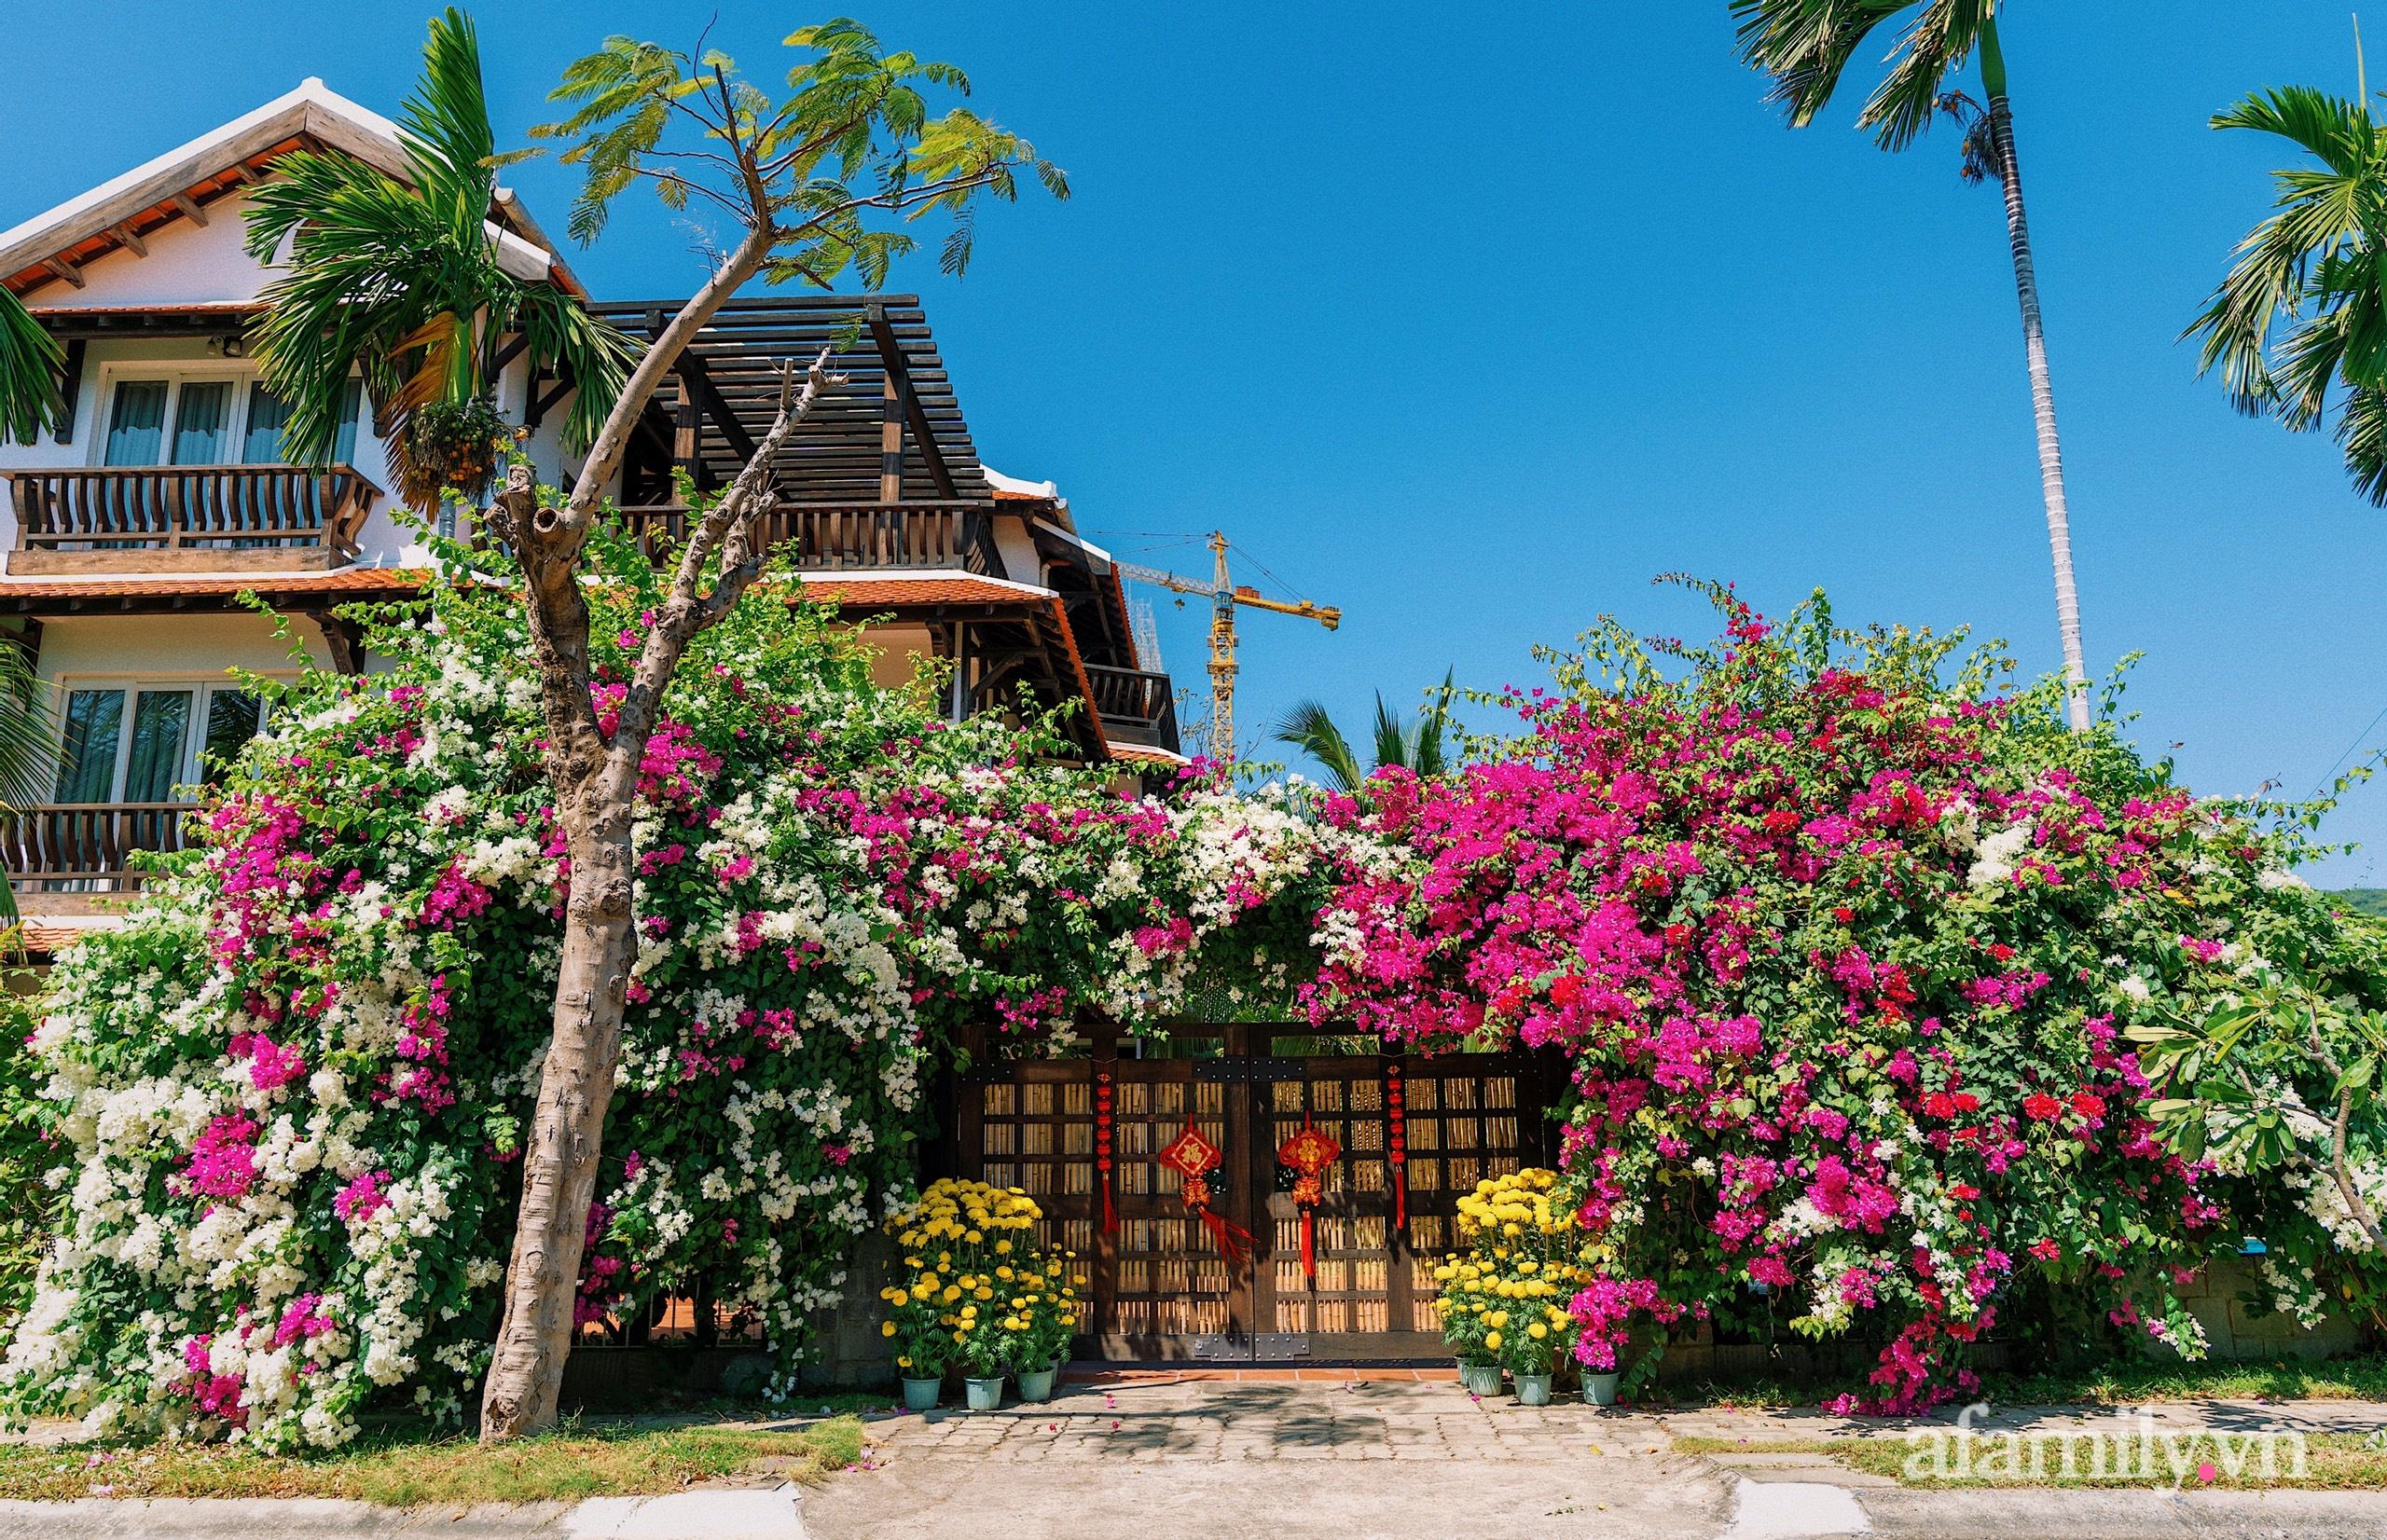 Căn nhà vườn xây 10 năm vẫn đẹp hút mắt với nội thất gỗ và cây xanh quanh nhà ở Nha Trang-1